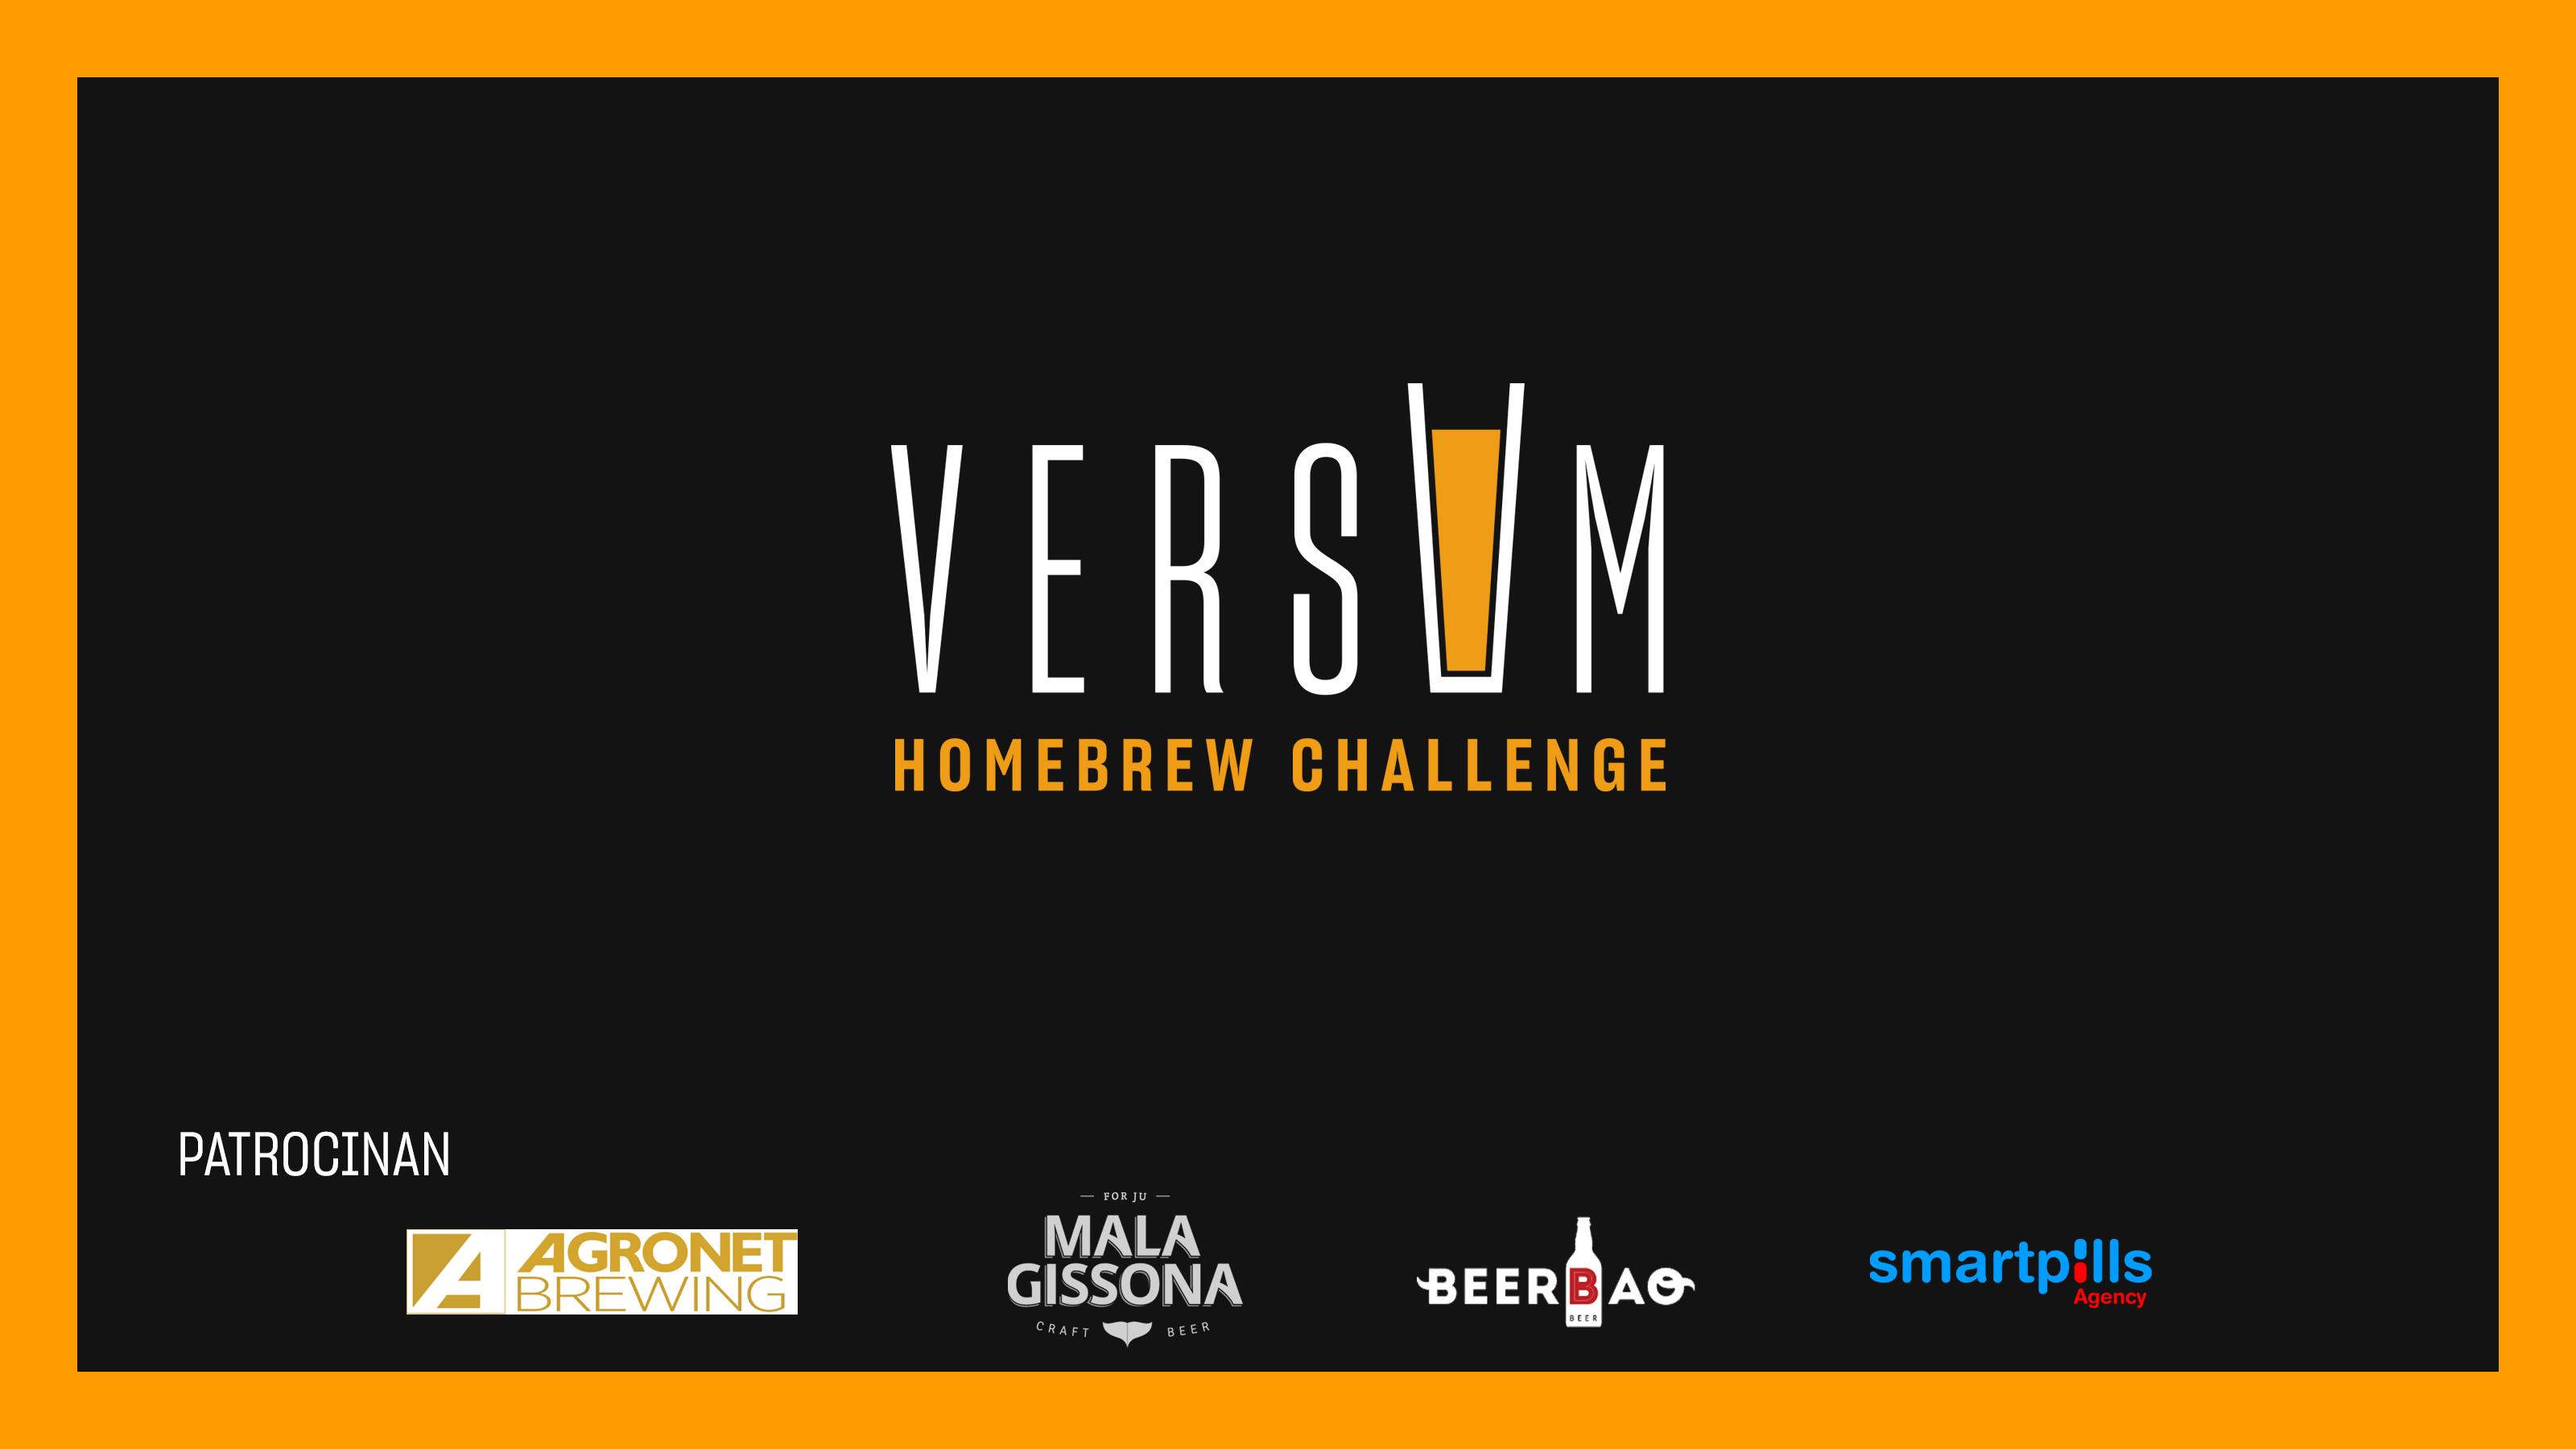 VERSUM-video-promo-2